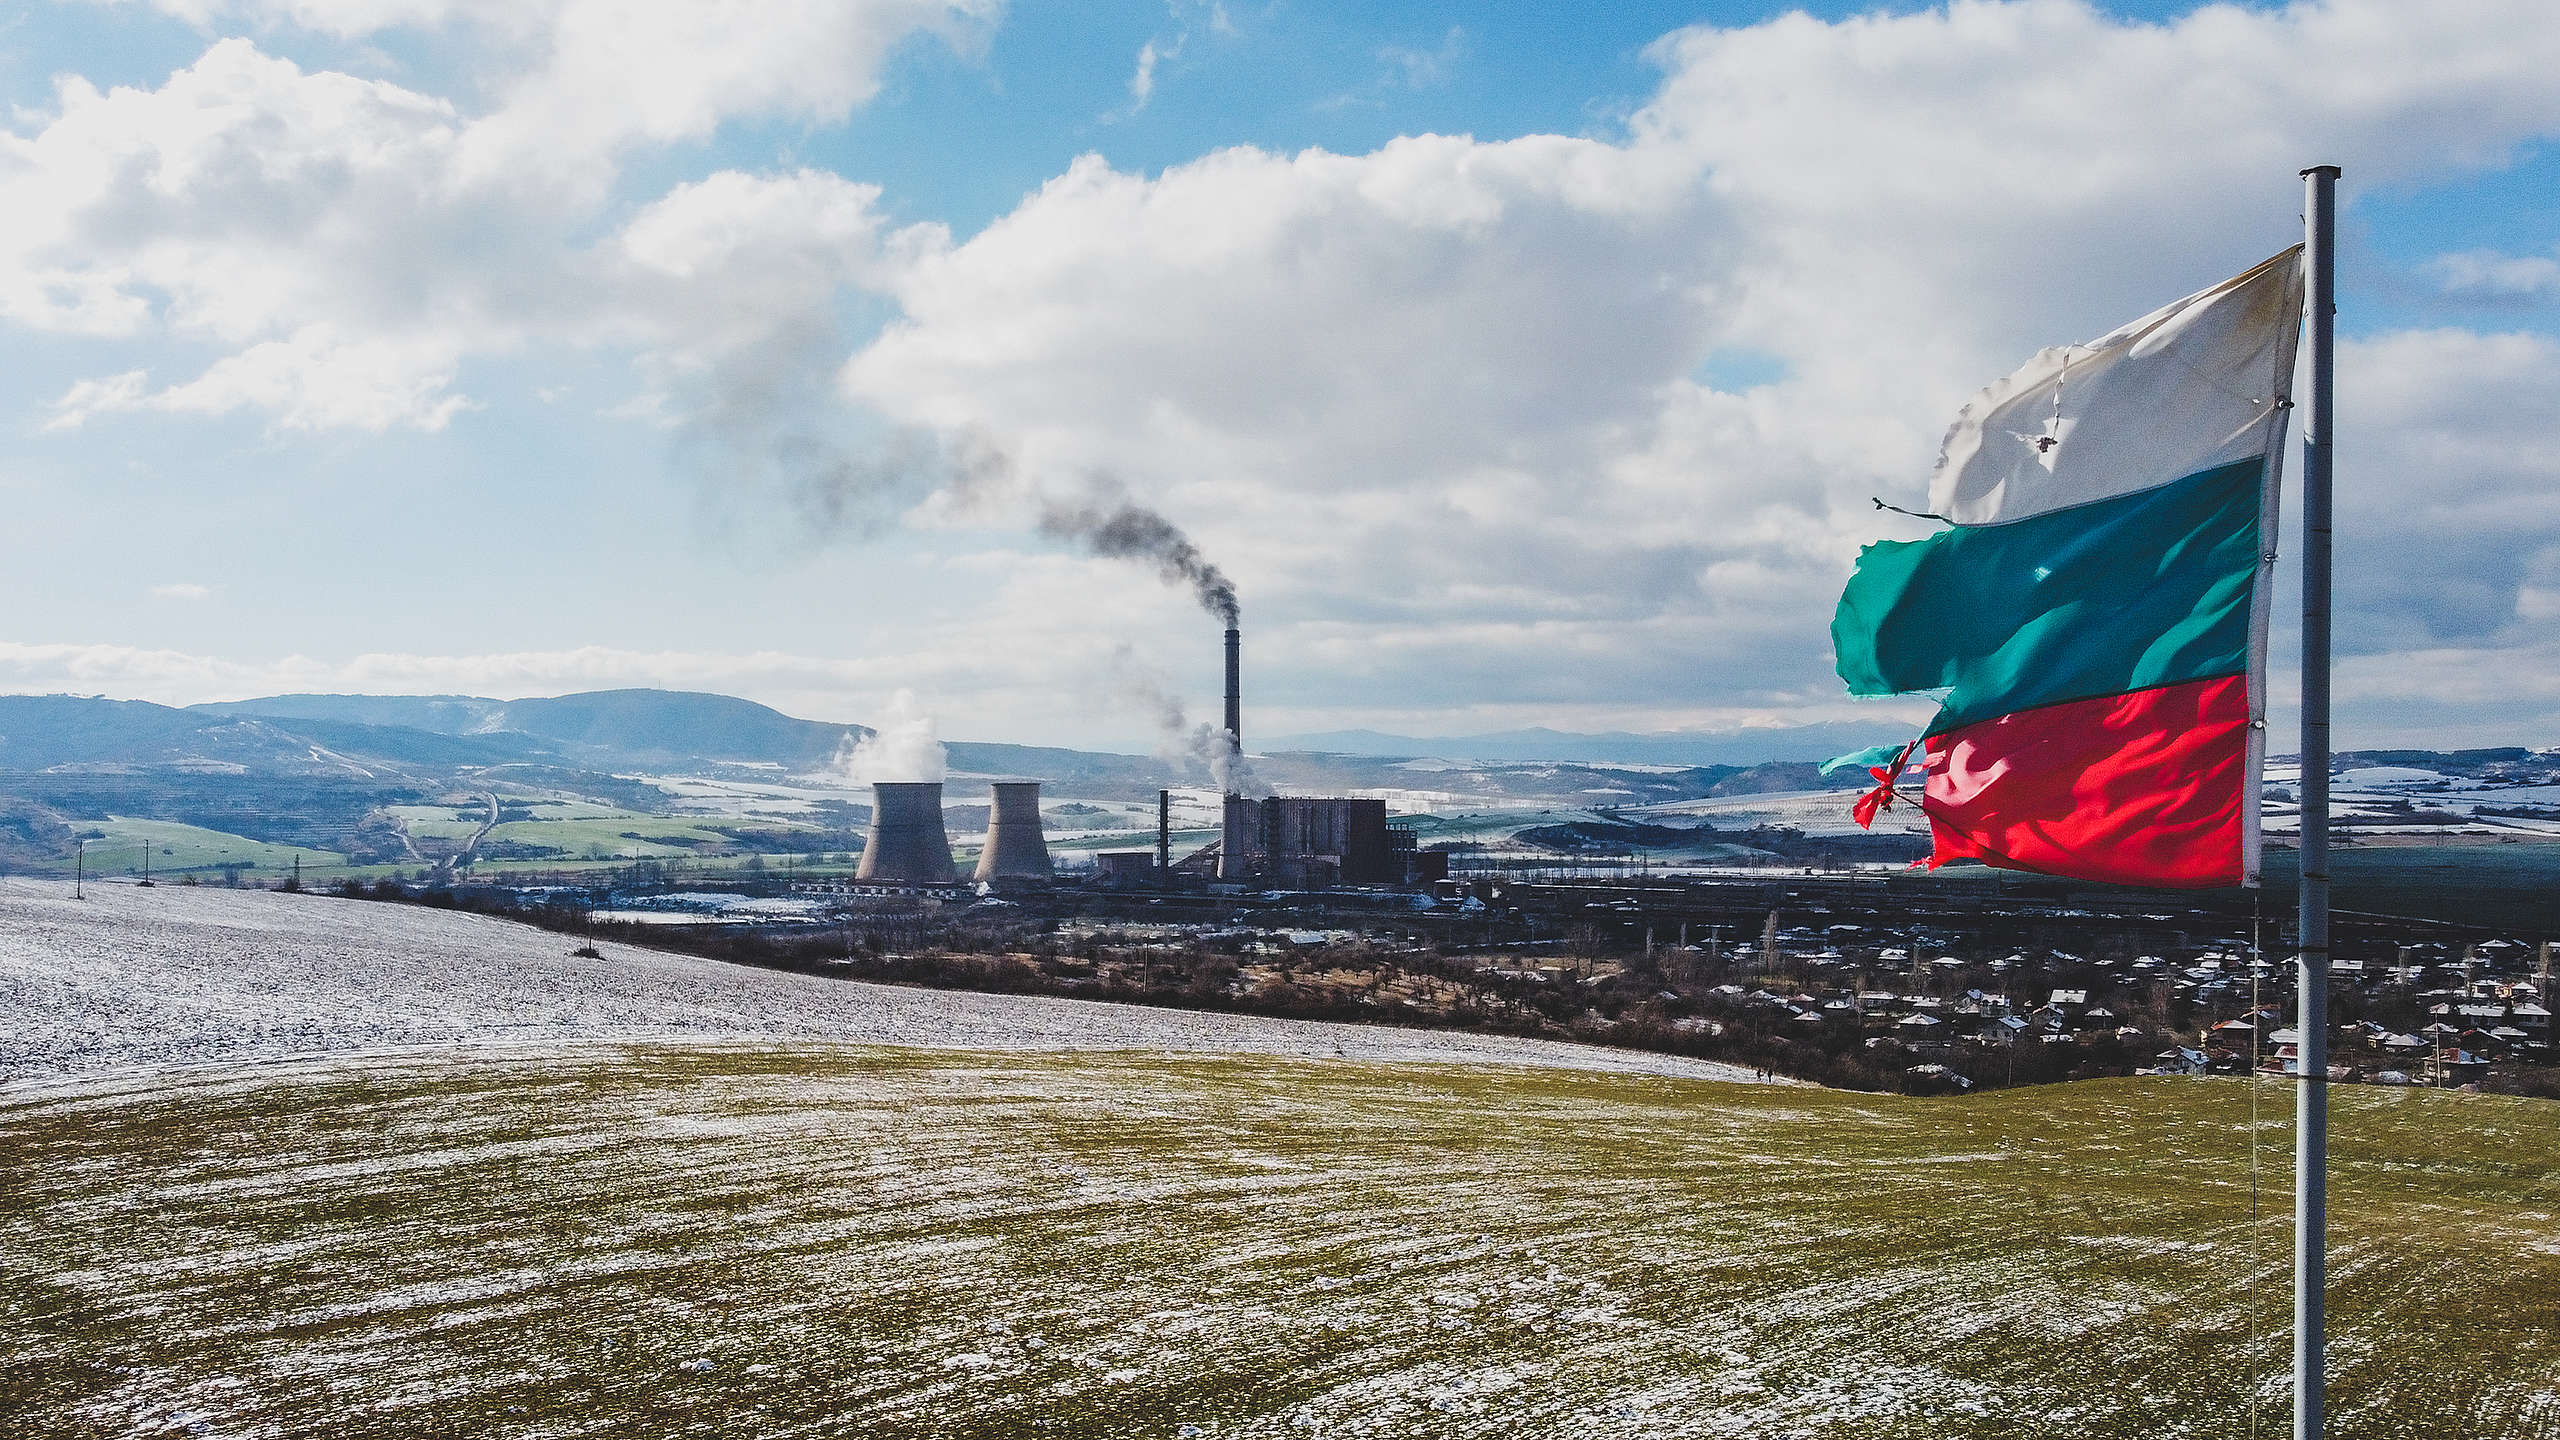 """ТЕЦ """"Бобов дол"""" изпуска непречистени емисии (от високия комин) по време на разпалване на инсталацията, въздушна снимка до стар български трибагреник, Големо село, януари 2021 г."""